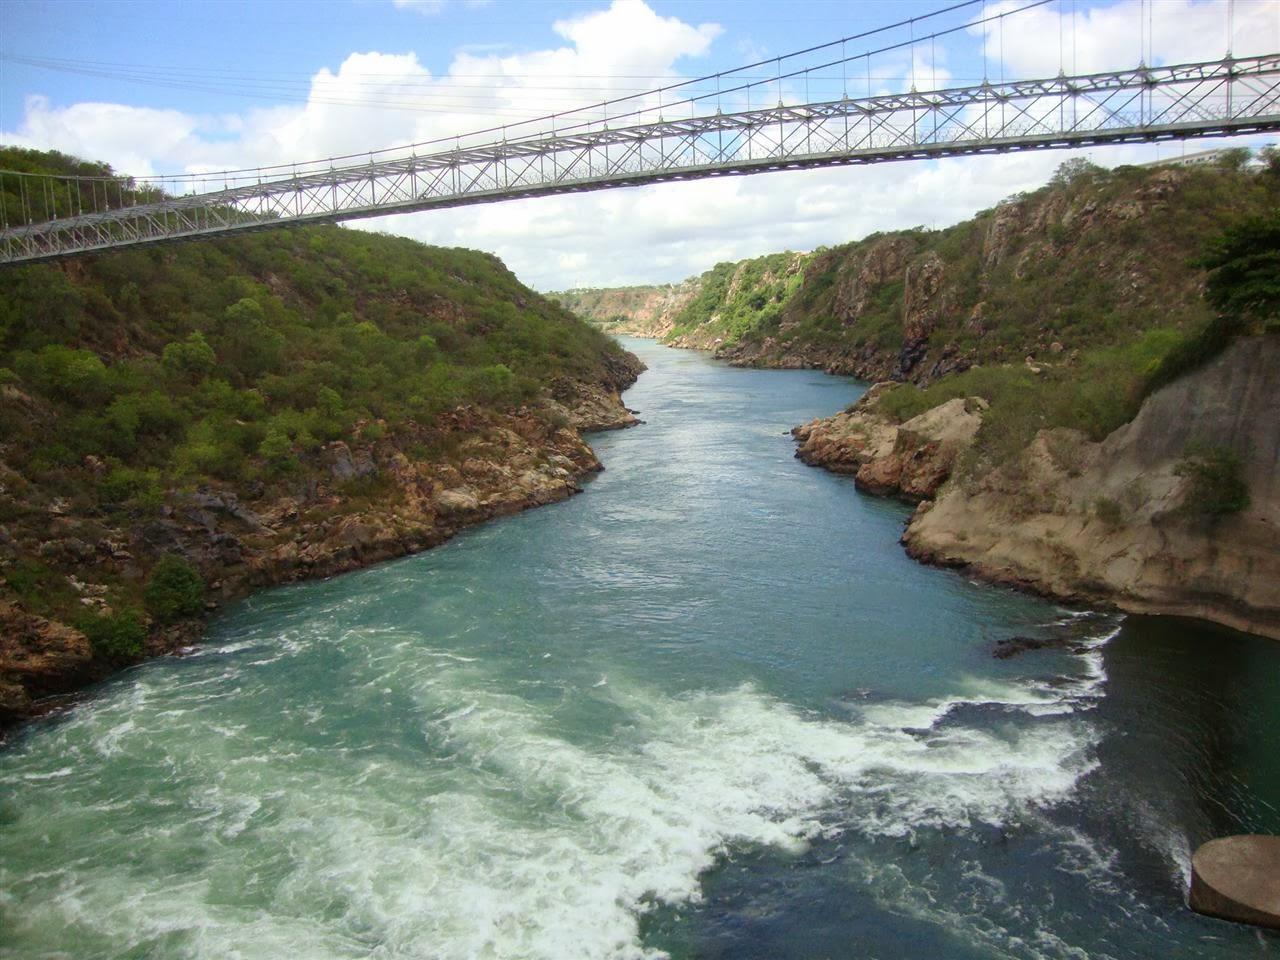 Rio São Francisco, O Rio da Unidade Nacional